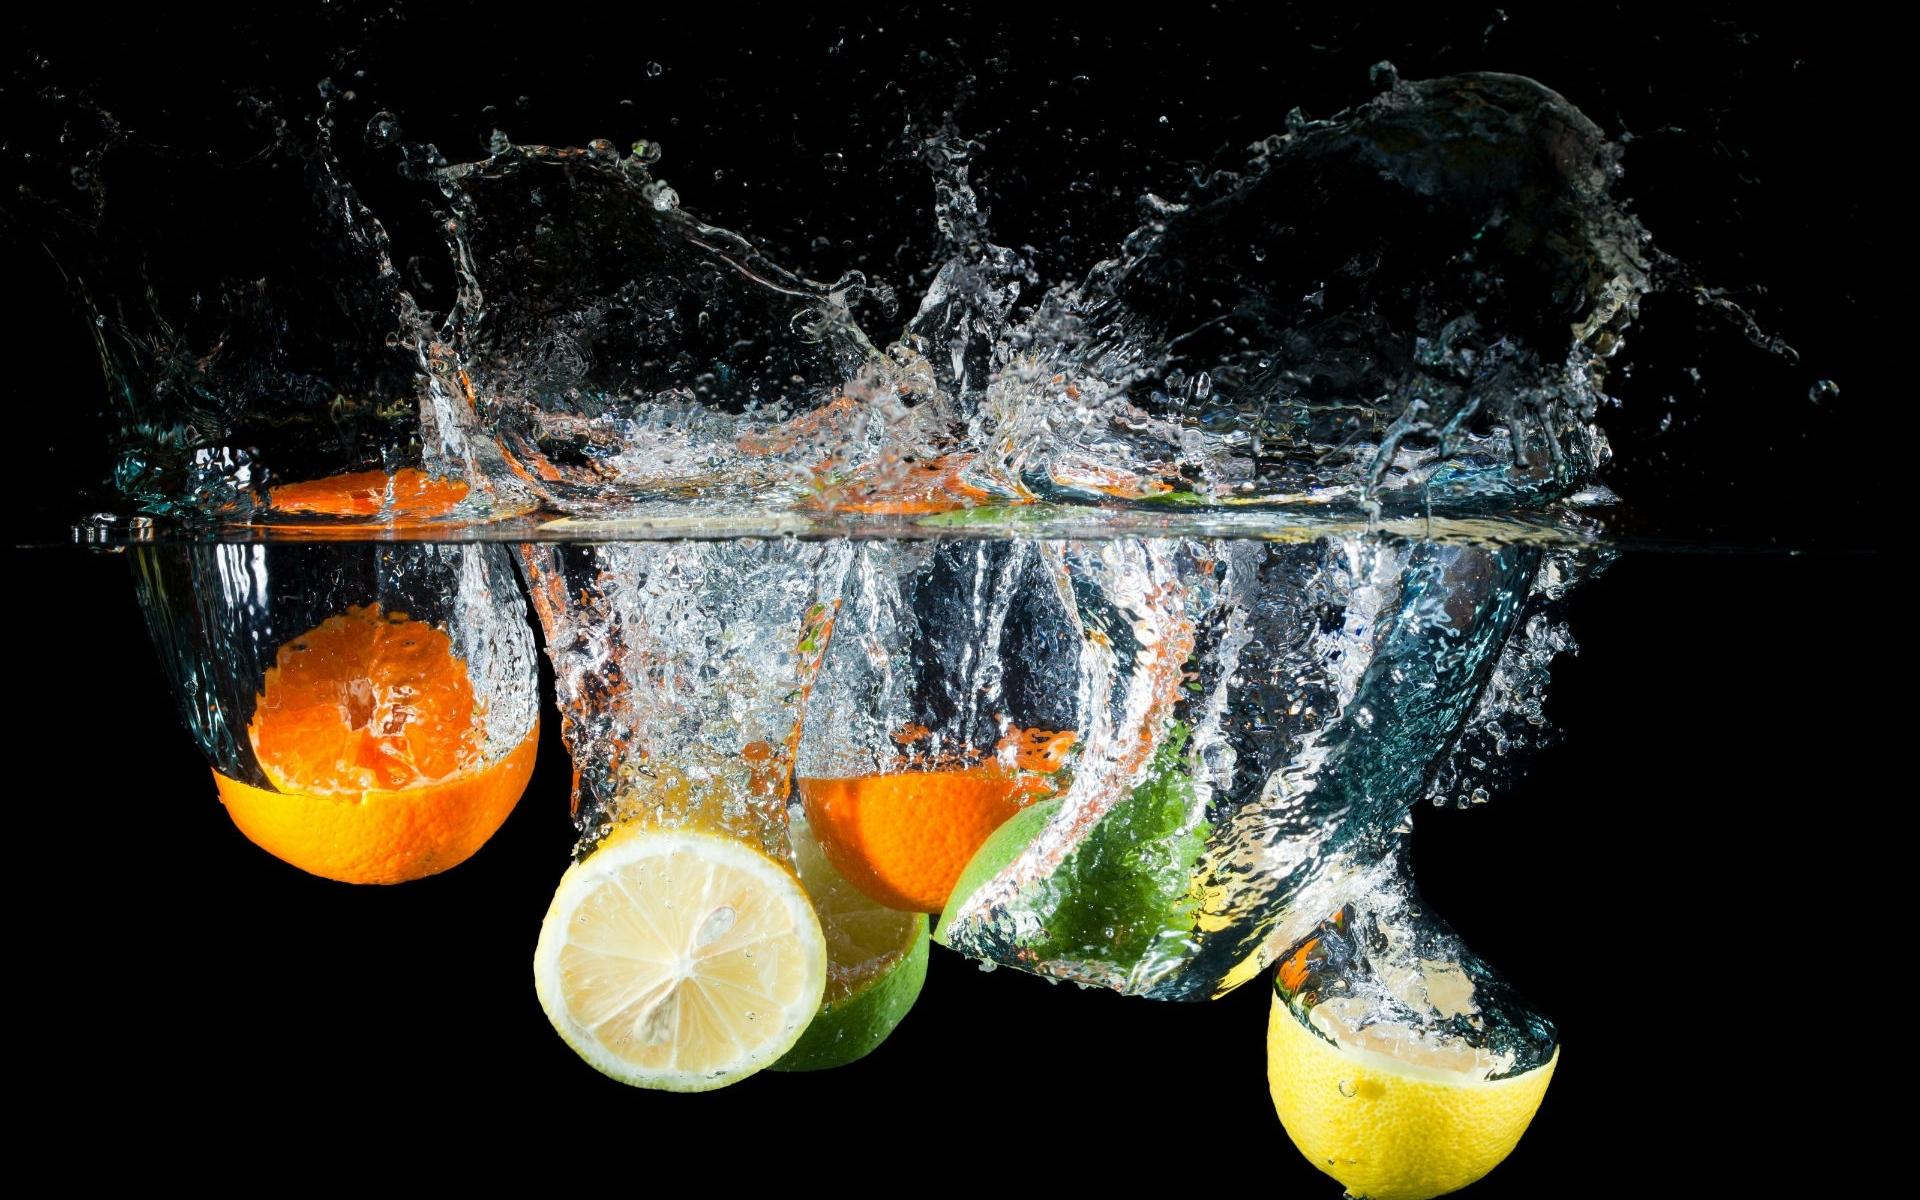 Апельсин в воде без смс